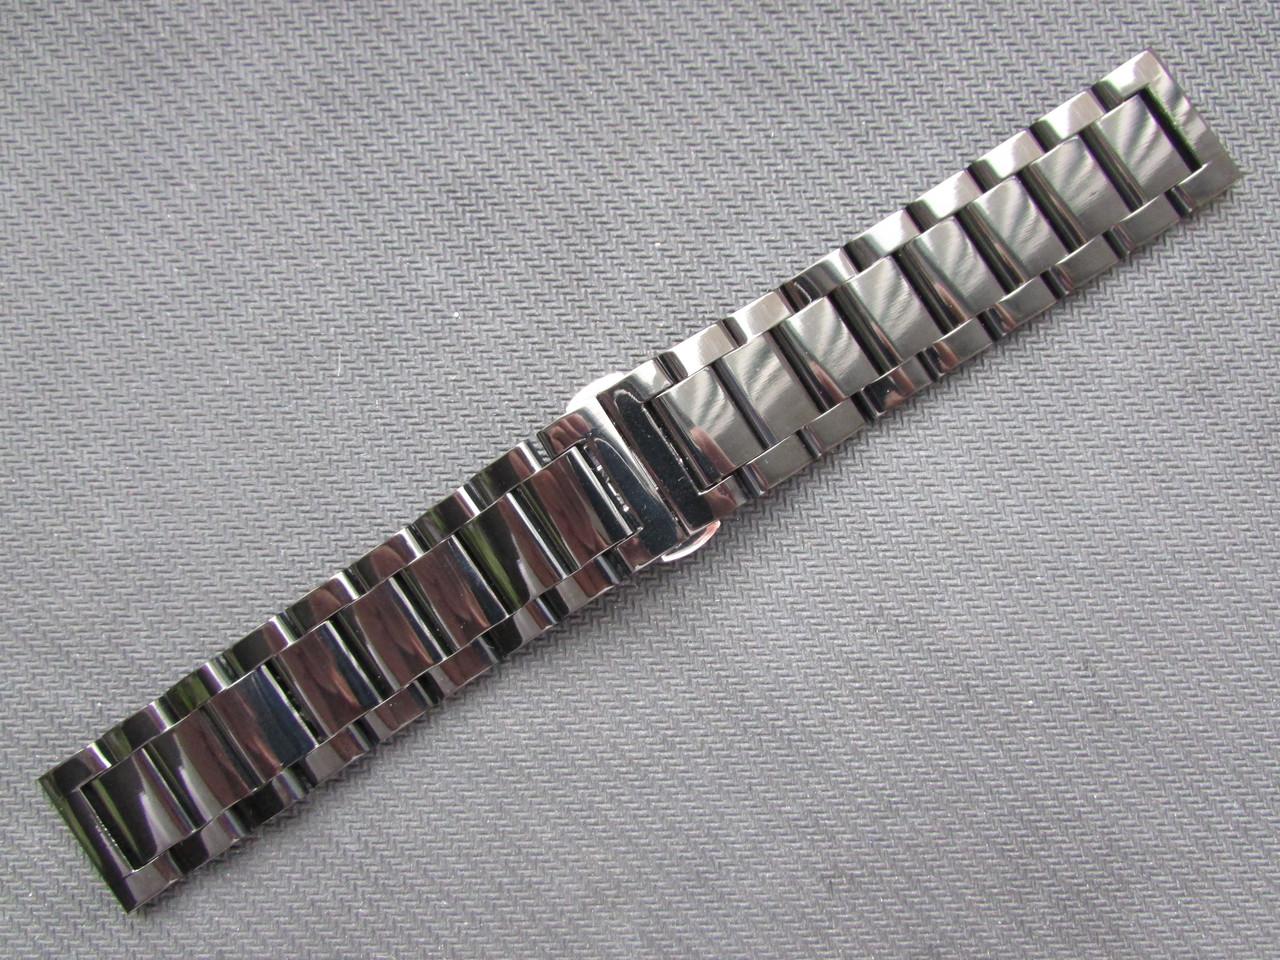 Браслет для часов из нержавеющей стали, черный, литой, полированный.  22 мм. Samsung Gear S3/ Frontier